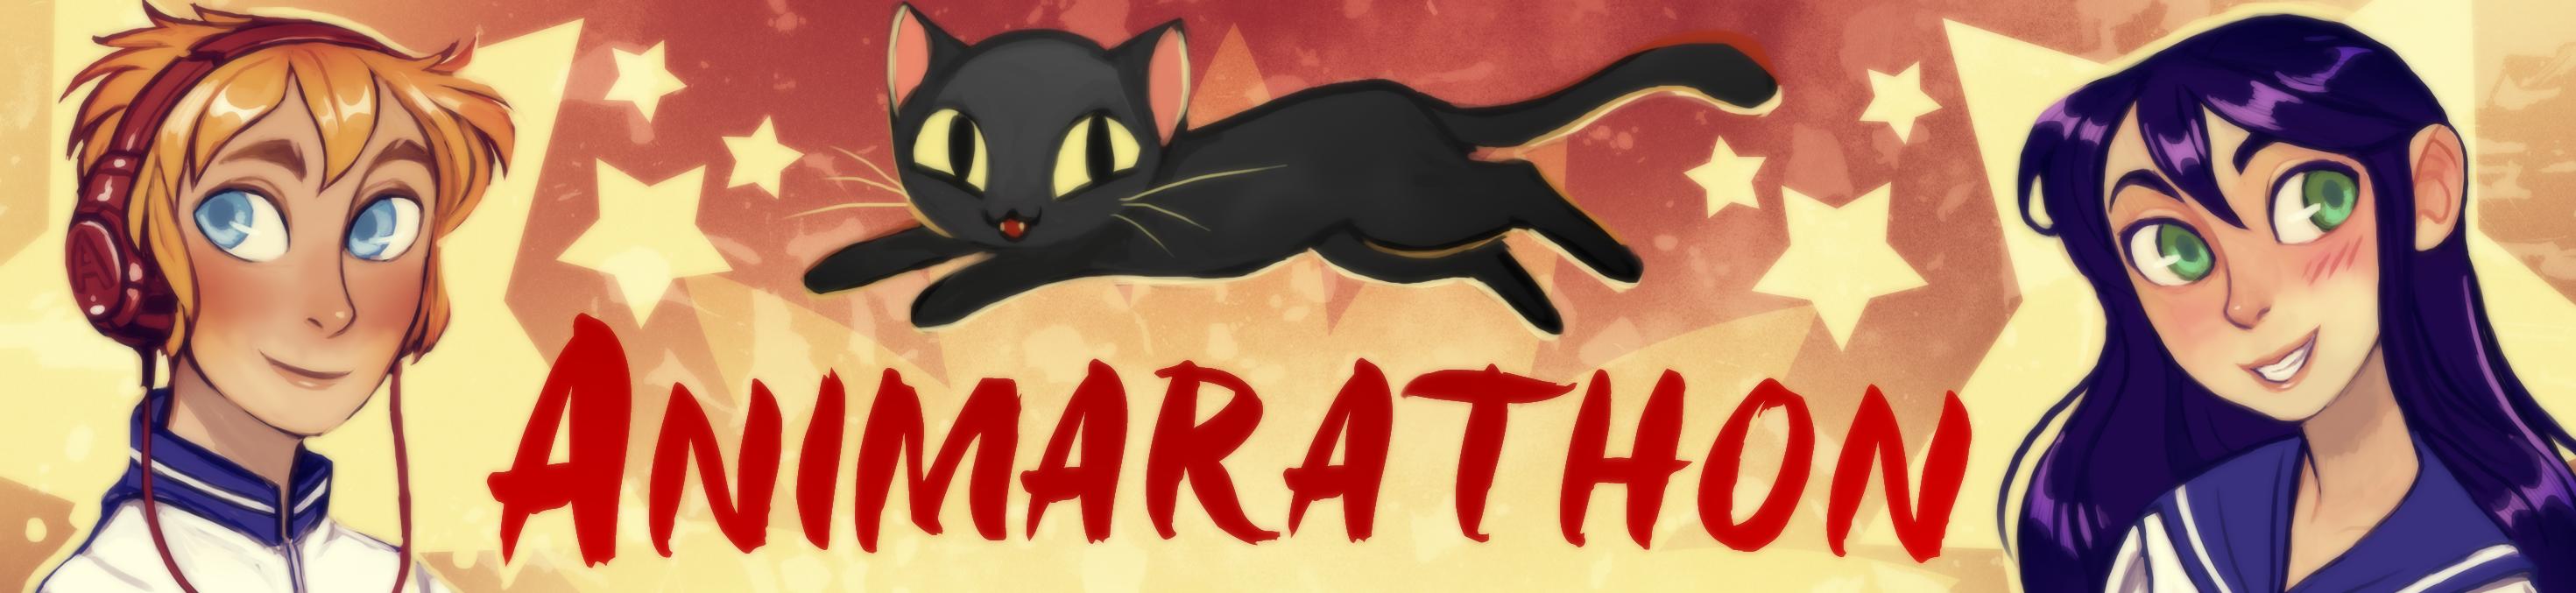 Animarathon banner by Michelle Czajkowski!